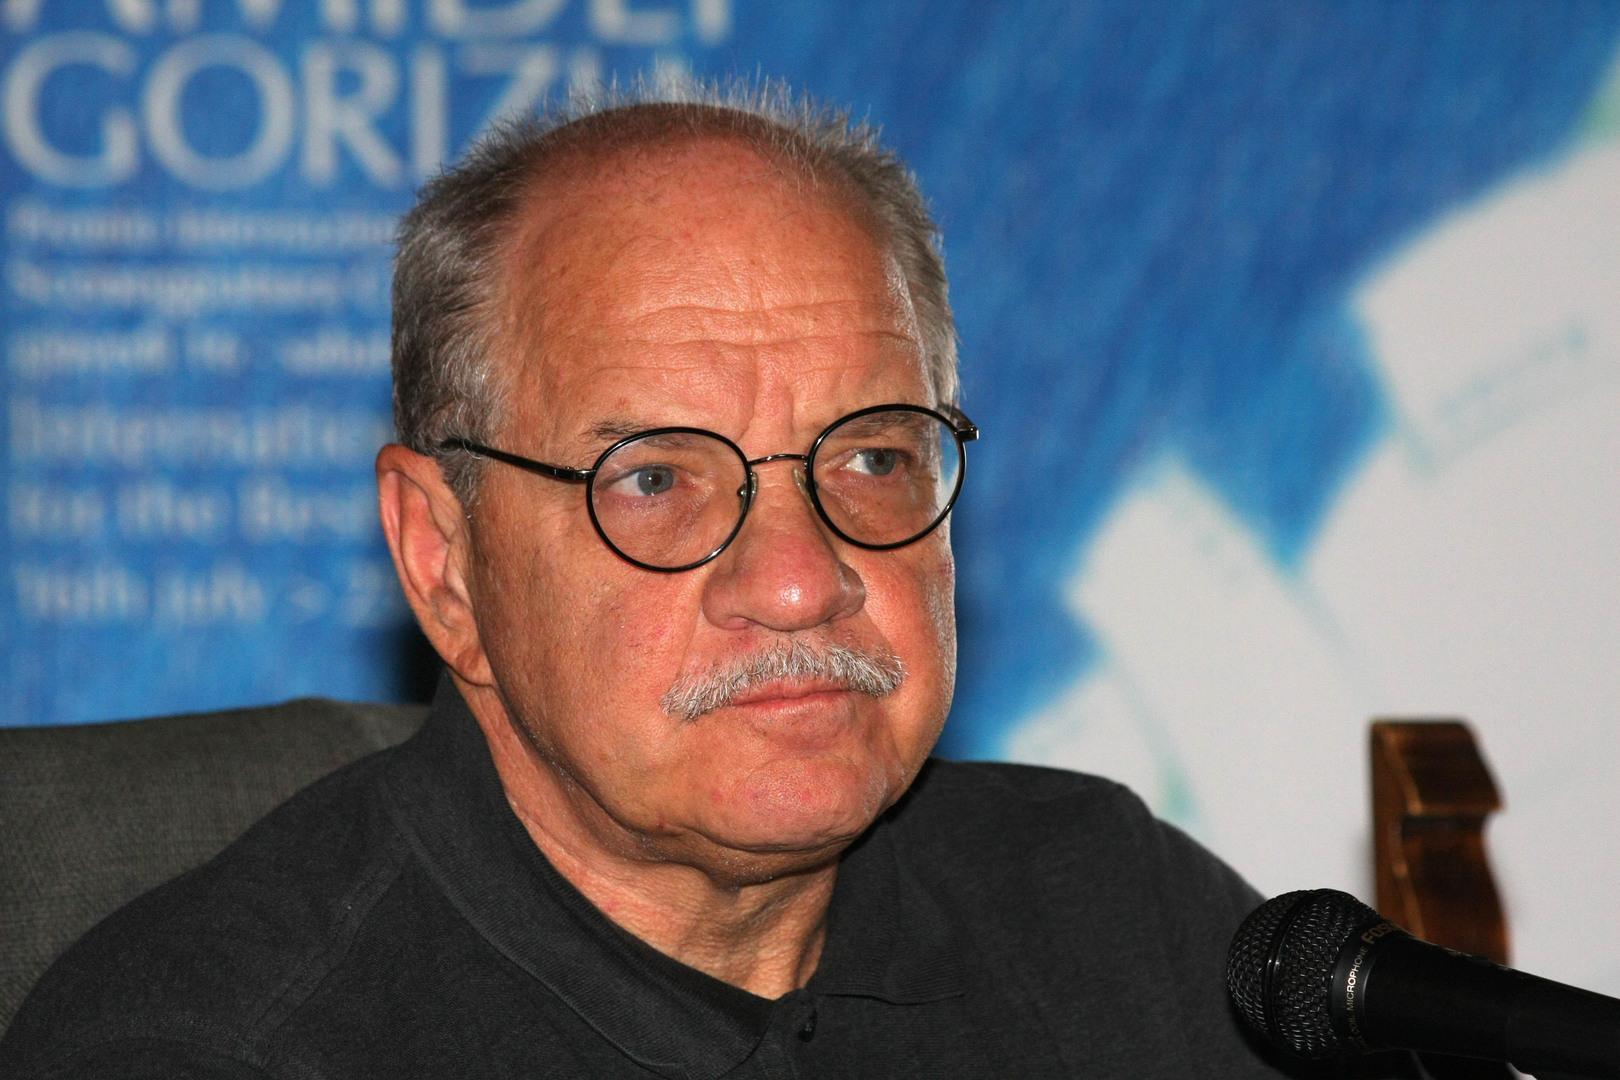 Catura de Paul Schrader: uno de los guionistas más destacados de la actualidad